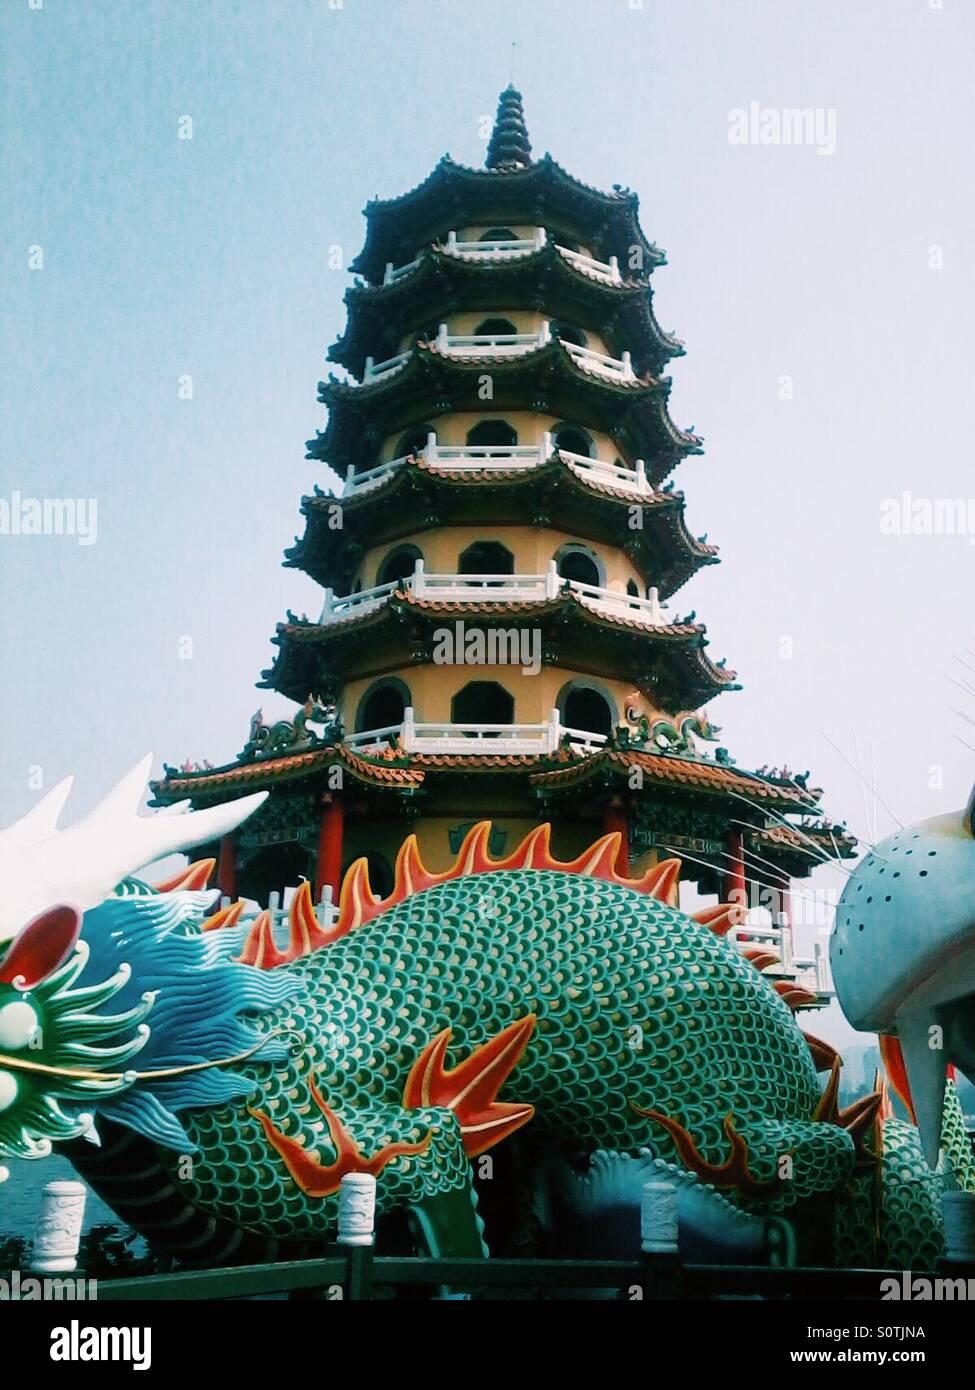 Una de las dos torres de la Pagoda del león y el Tigre en Kaohsiung, Taiwán Imagen De Stock